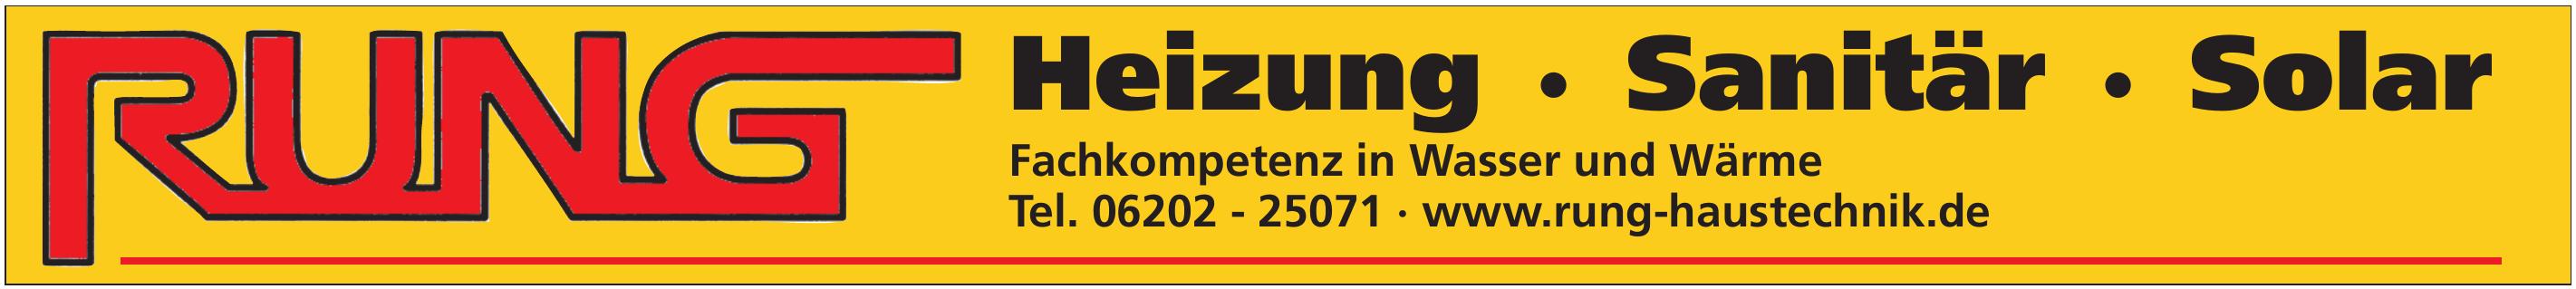 Rung Heizung · Sanitär · Solar